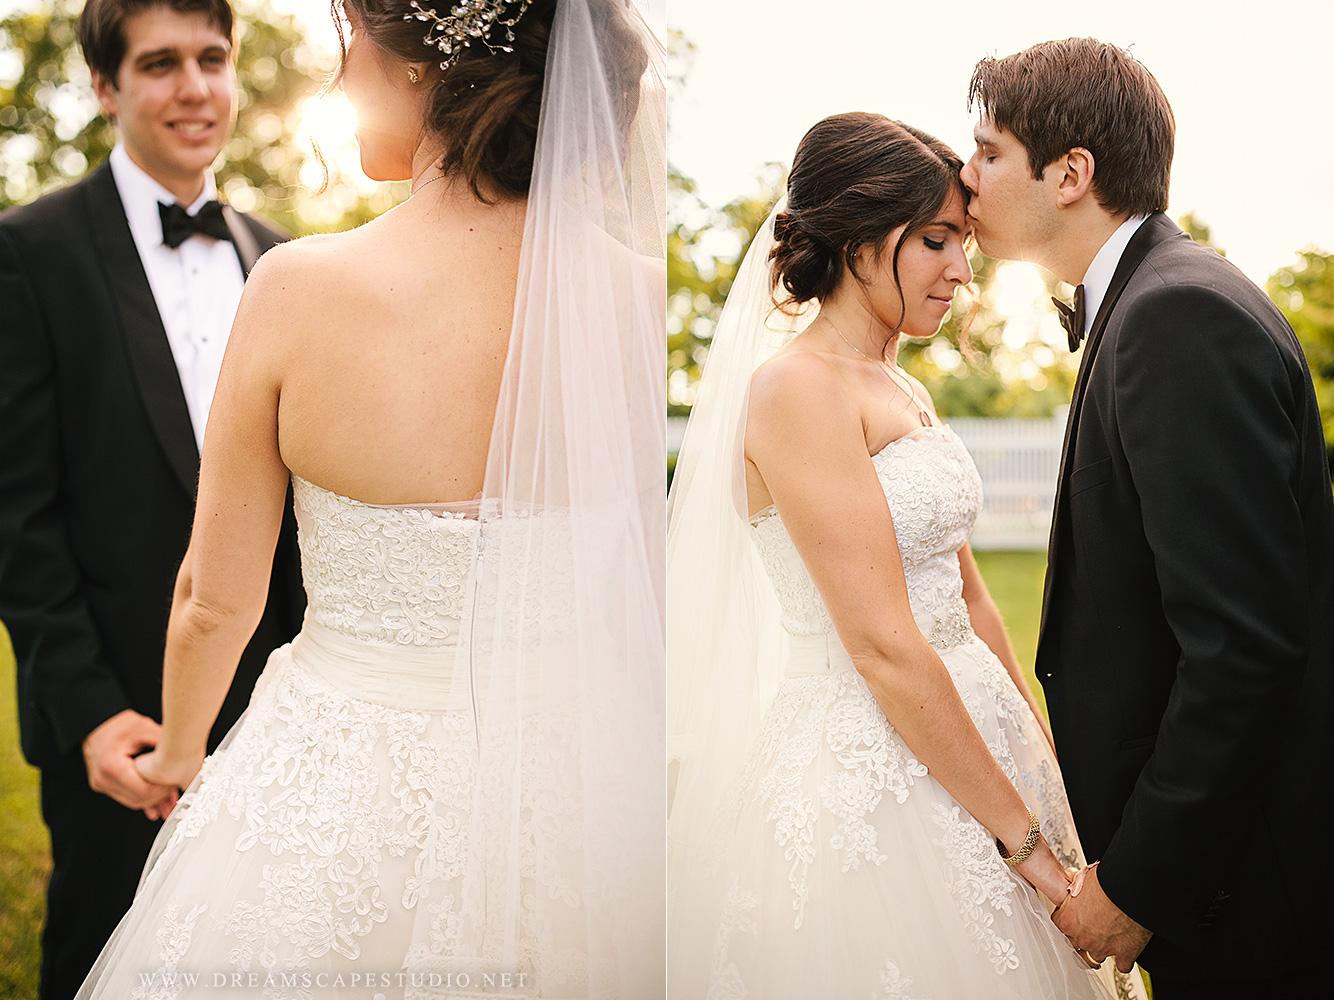 NY_Wedding_Photographer_JeRy_37.jpg